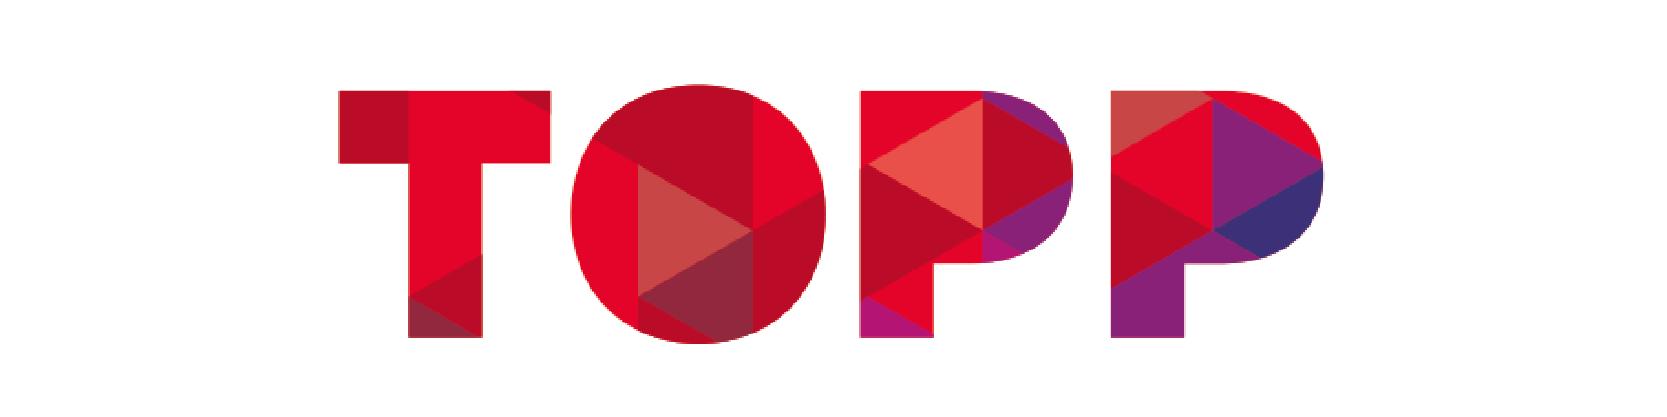 topp Logo - Lieferant unseres Bastelladen in Lohne